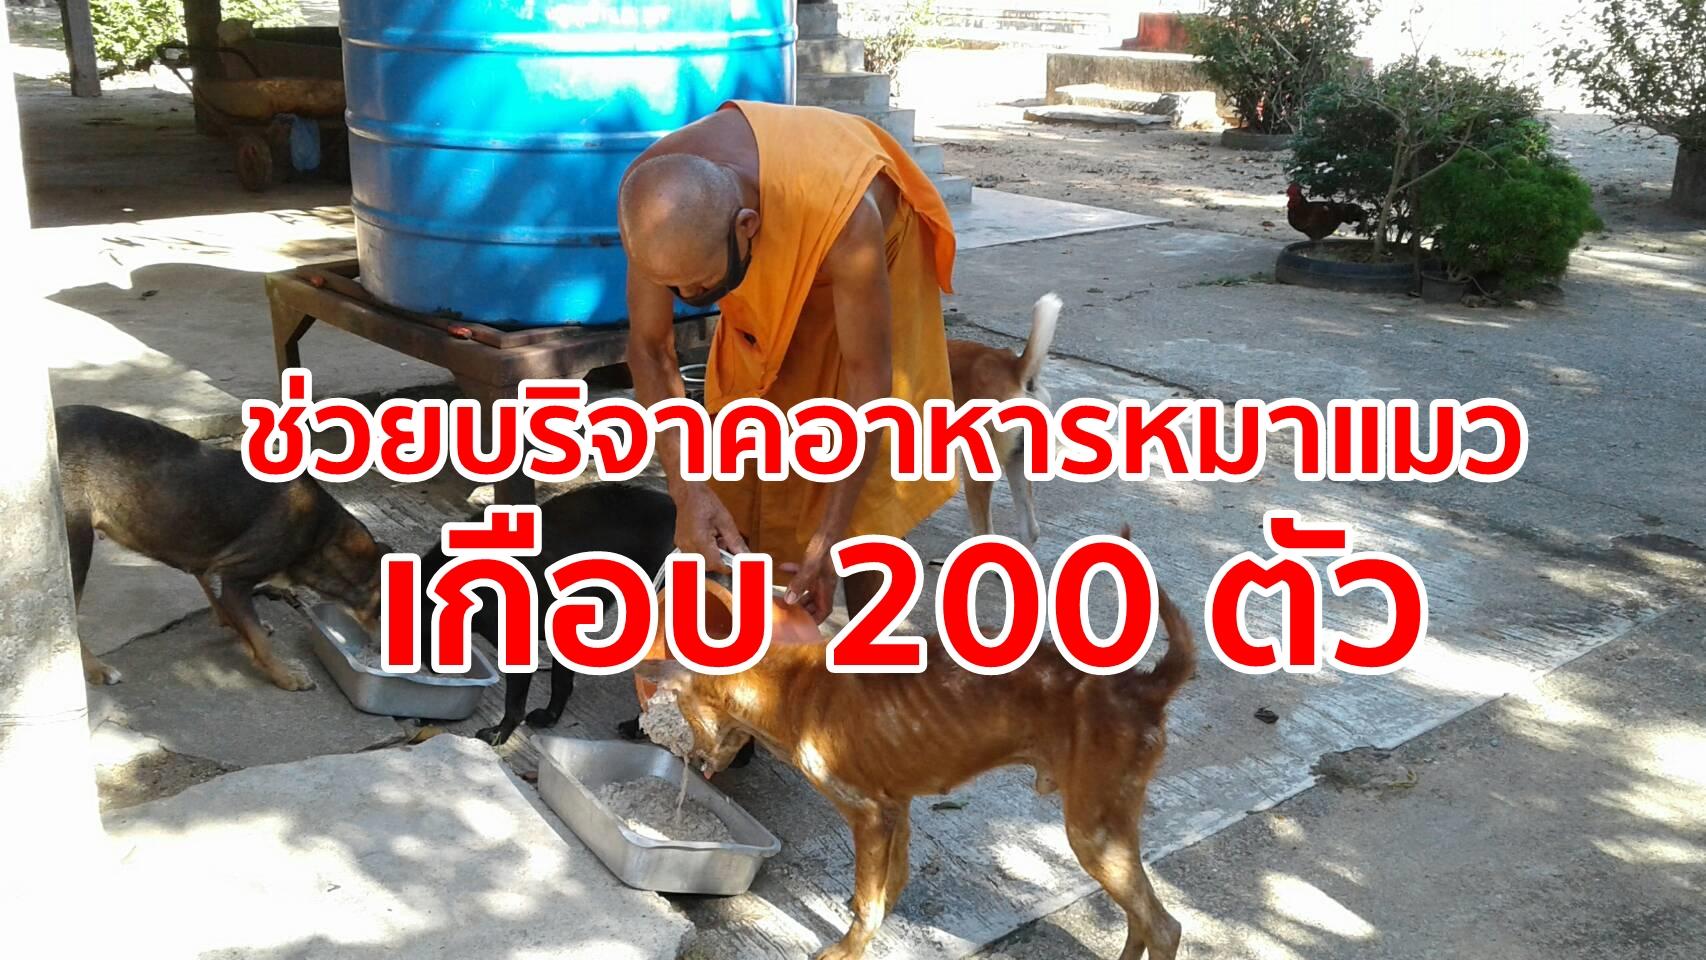 วอนผู้ใจบุญช่วยแบ่งเบาพระ หลังชาวบ้านพาหมาแมวทิ้งวัดเกือบ 200 ตัว